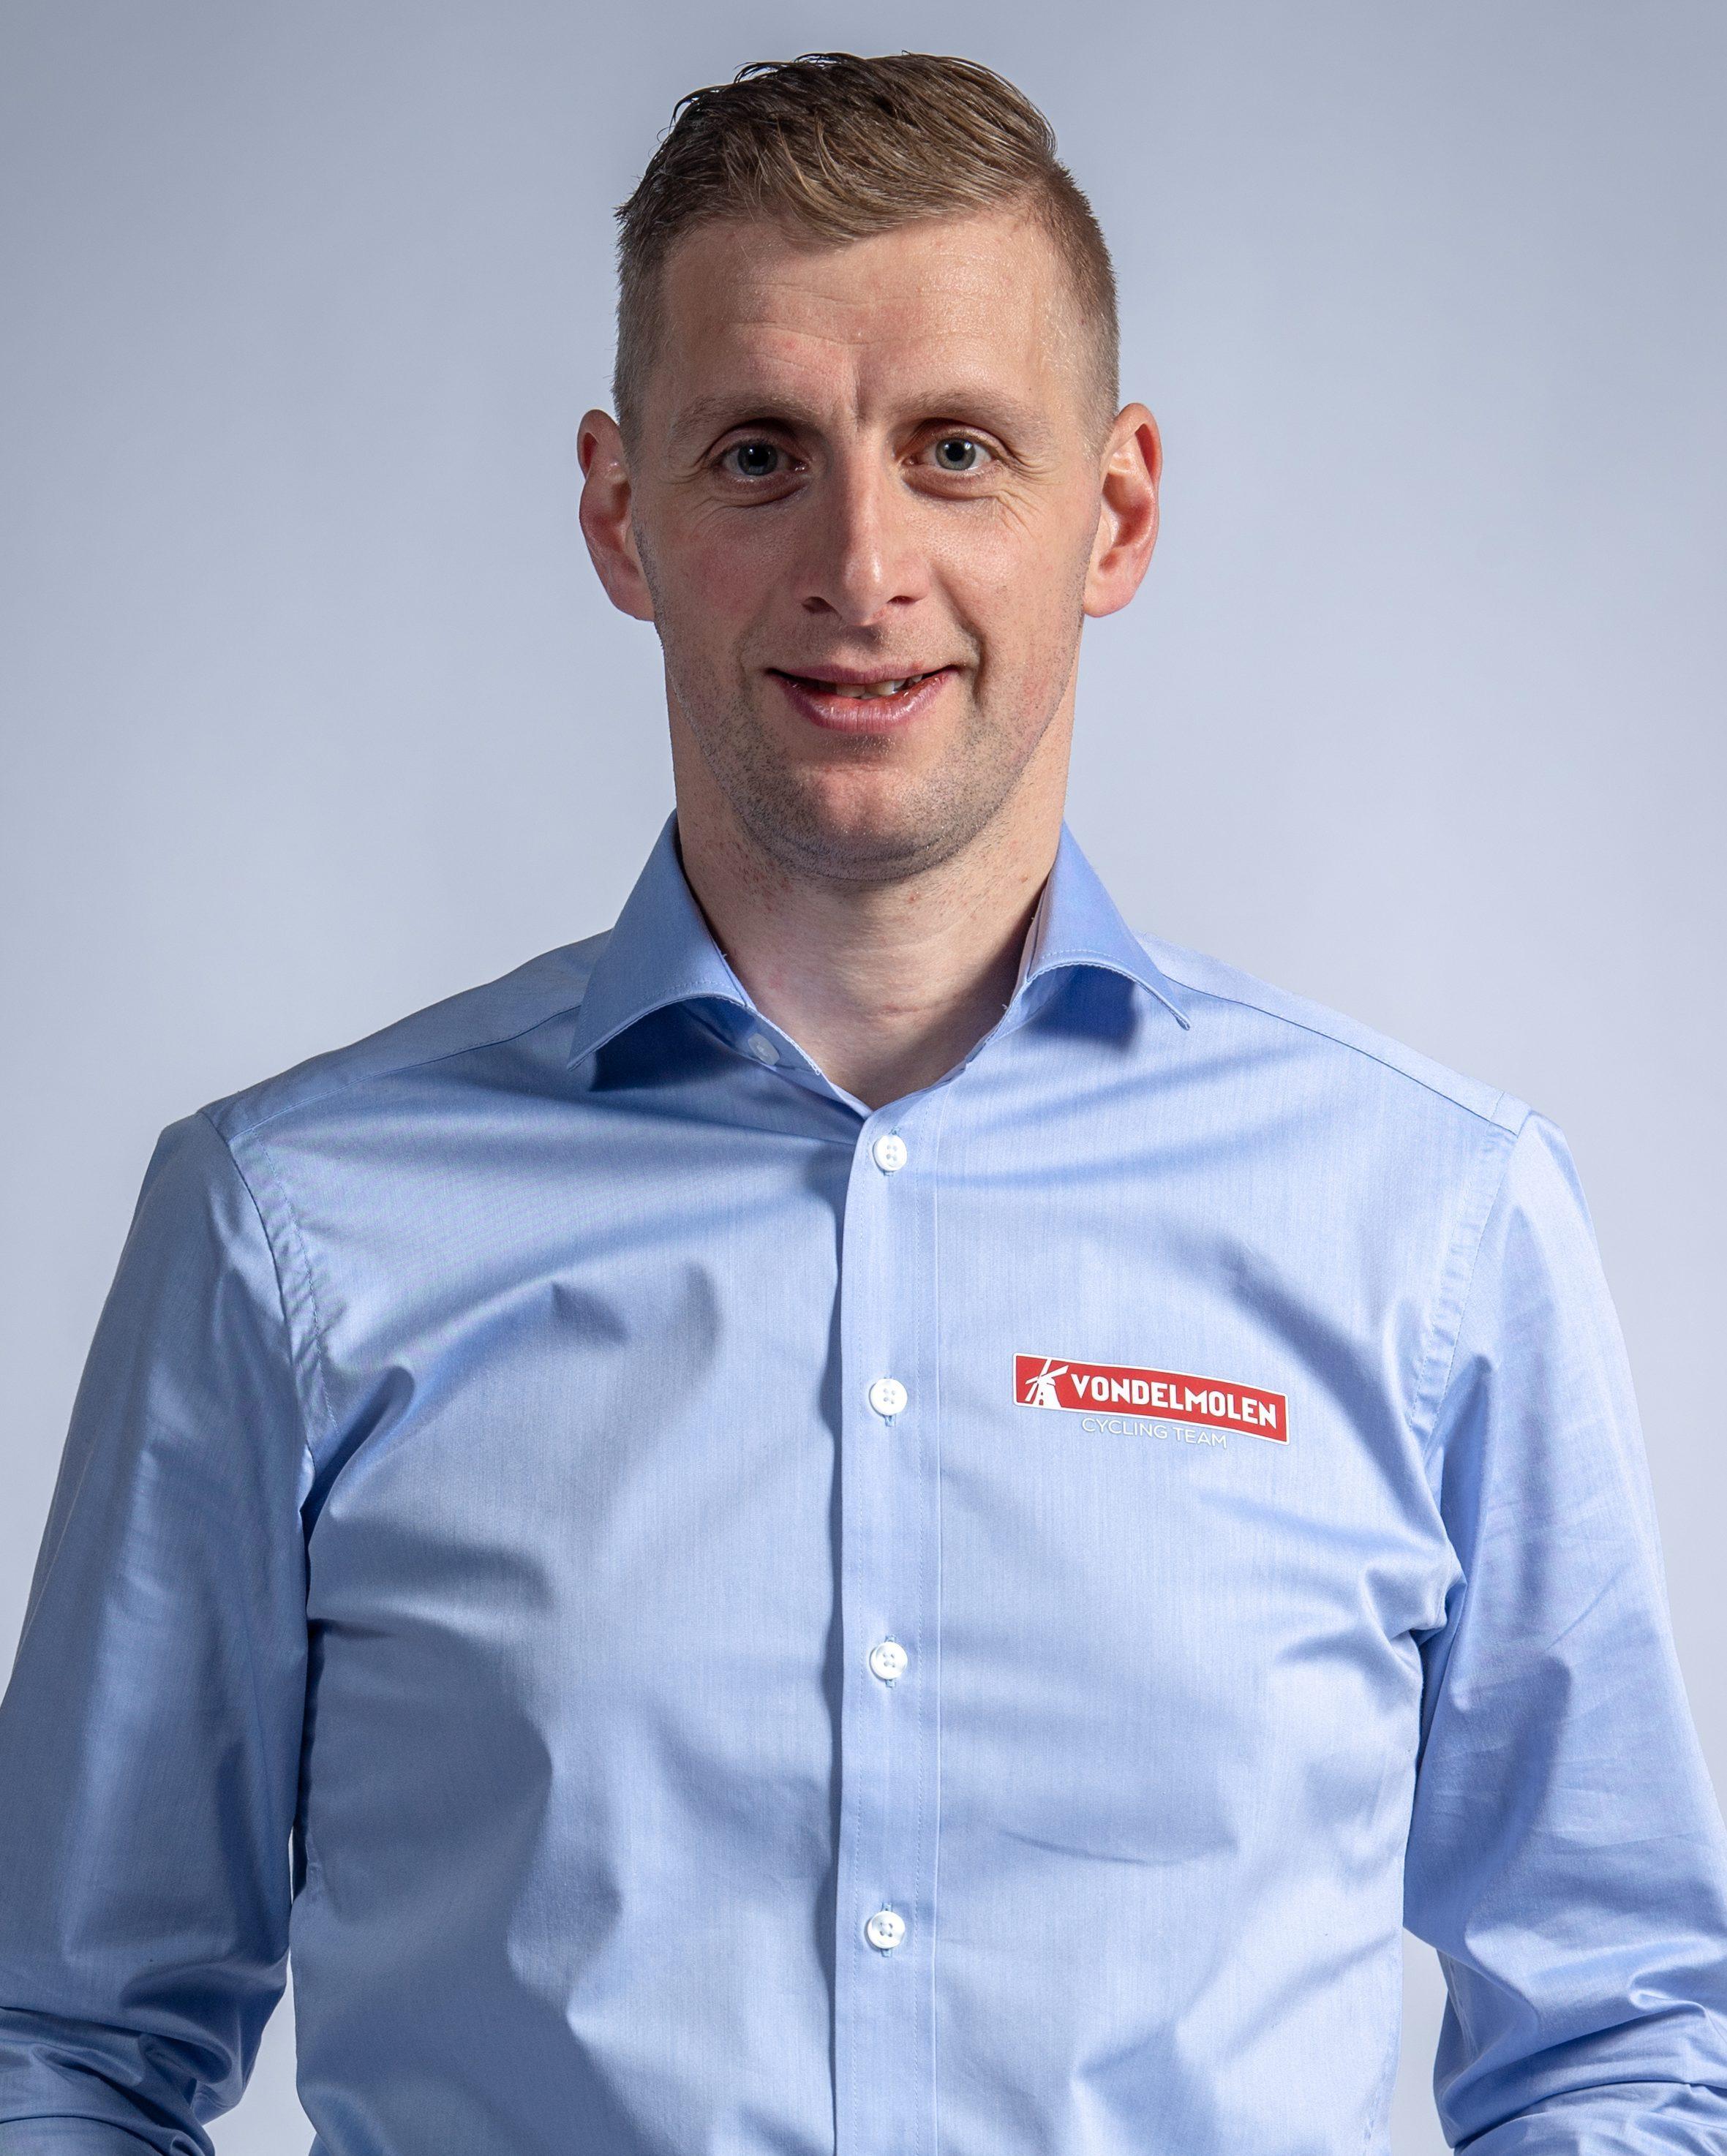 Geert Wellens